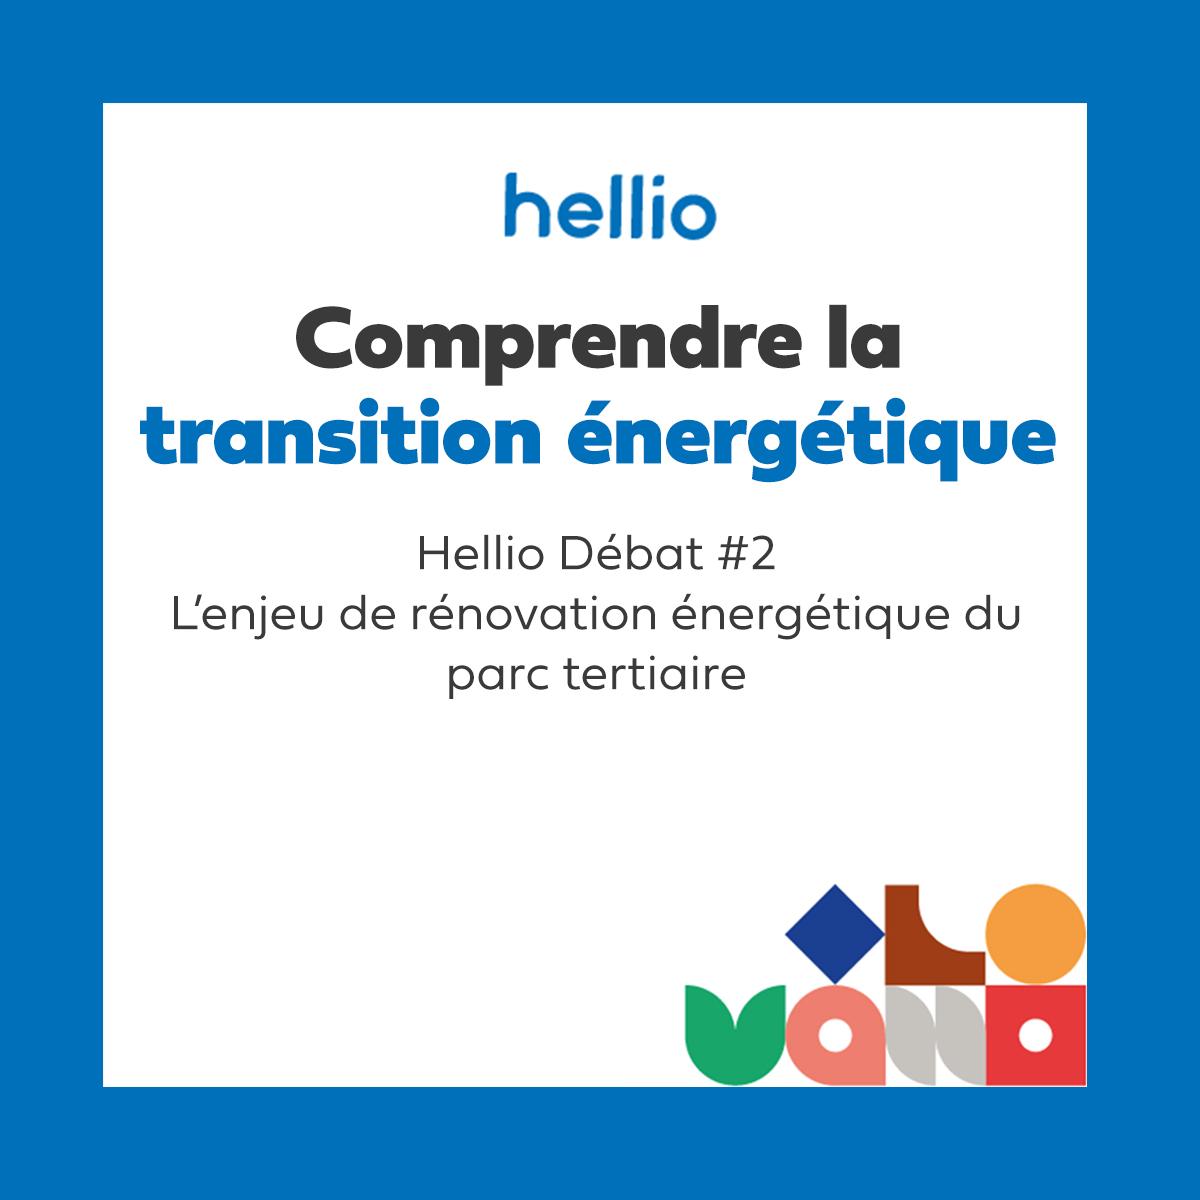 Podcast - Hellio Débat #2 : l'enjeu de rénovation énergétique du parc tertiaire